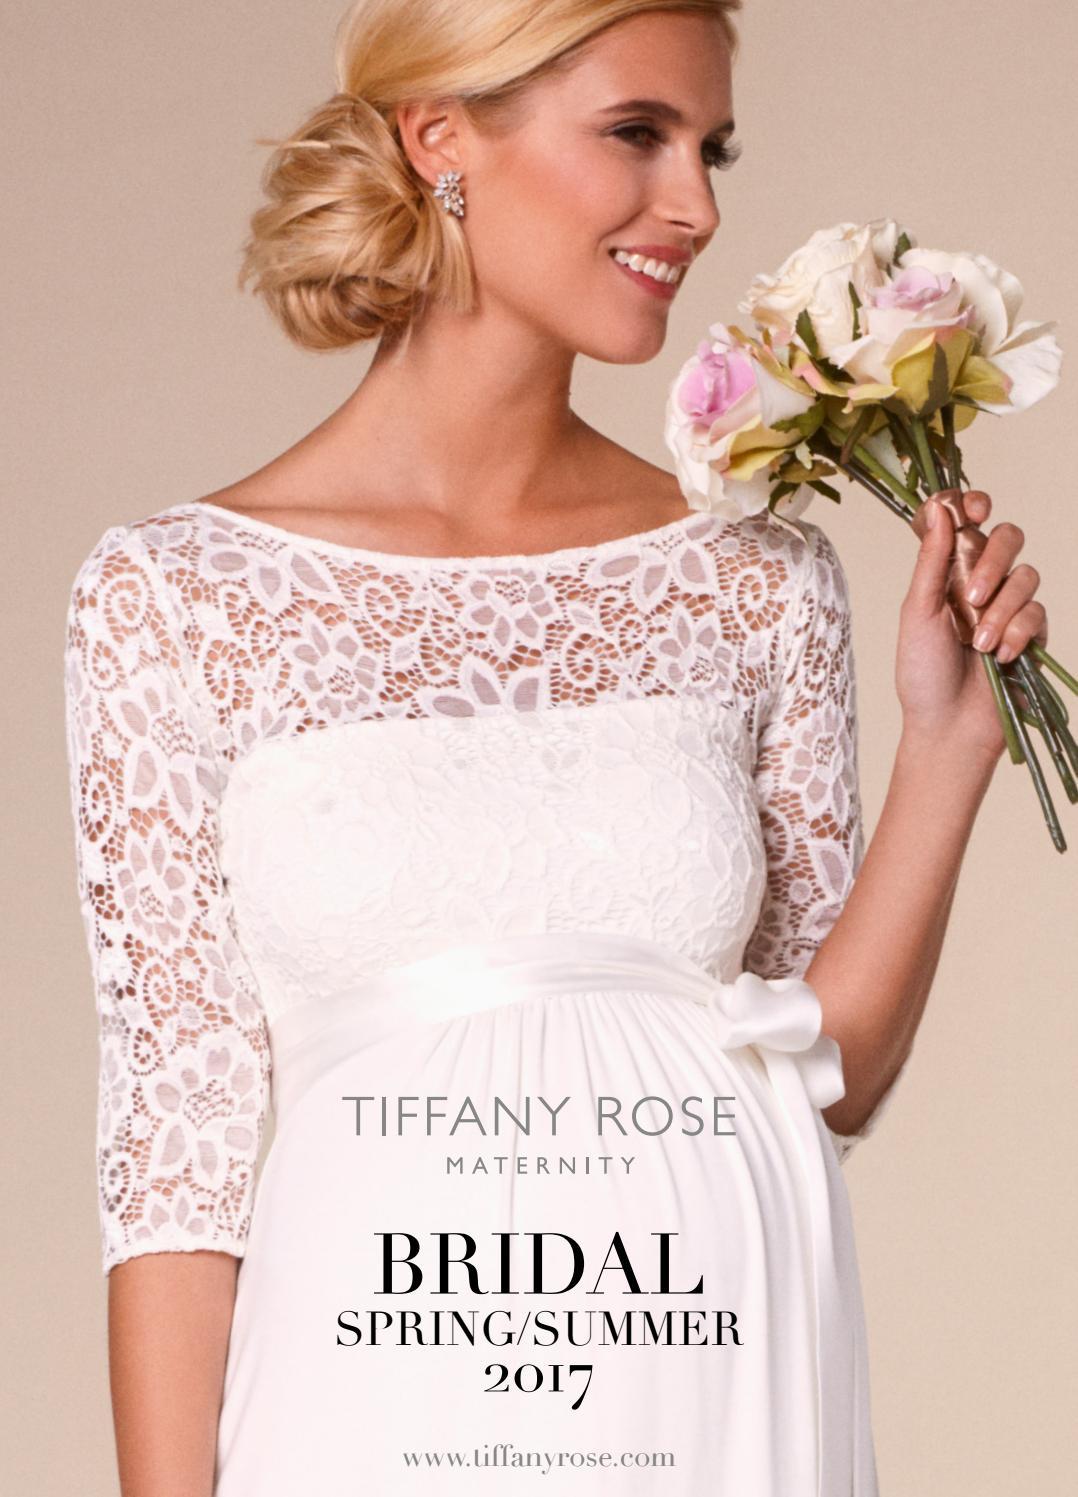 Tiffany Rose Bridal Spring Summer 2017 Lookbook by Tiffany Rose Ltd - issuu c73fd0f5c